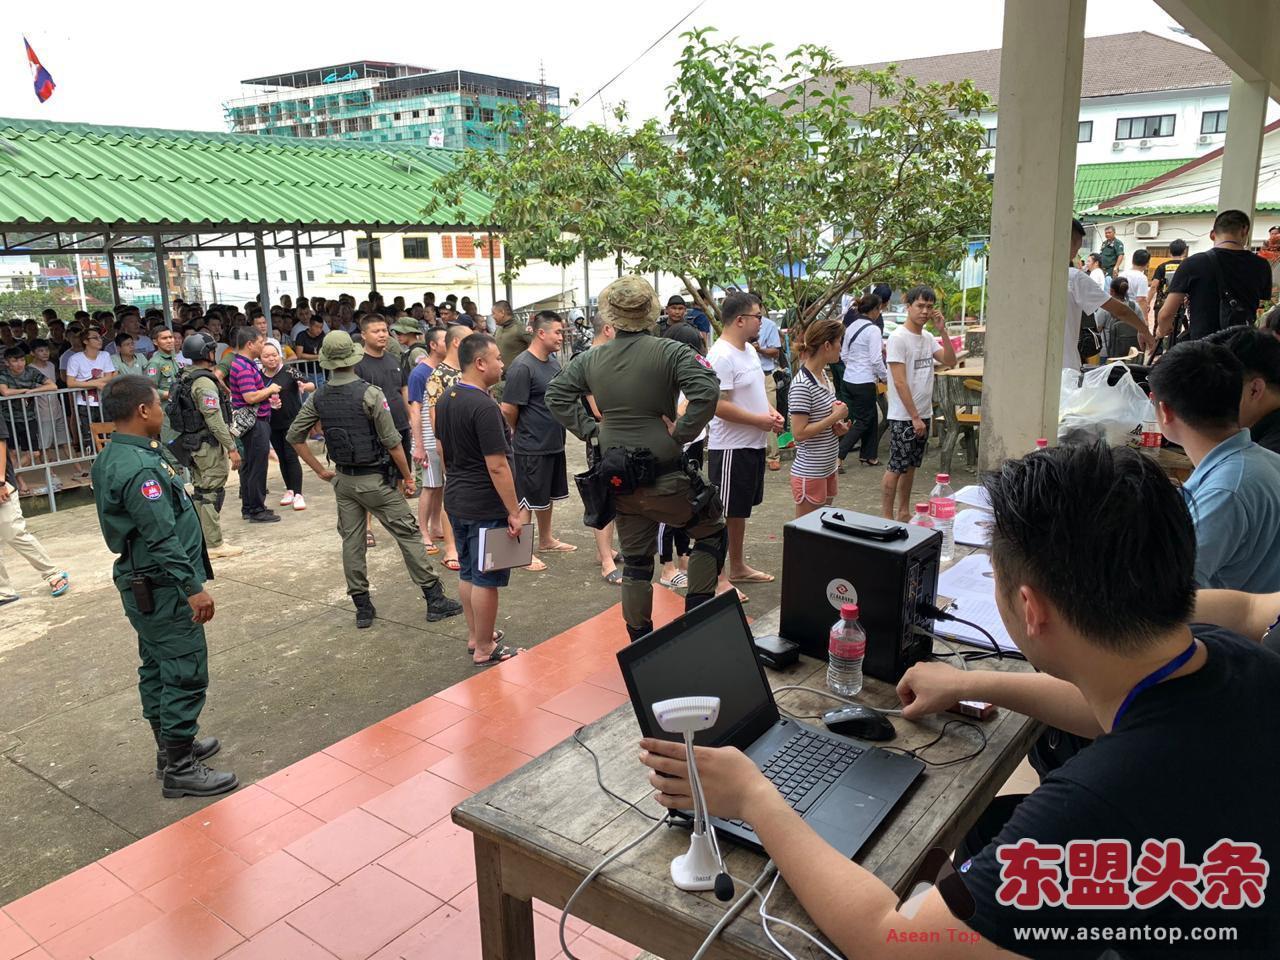 柬中警察联手在西哈努克市缉捕127名涉及网络勒索案的中国人